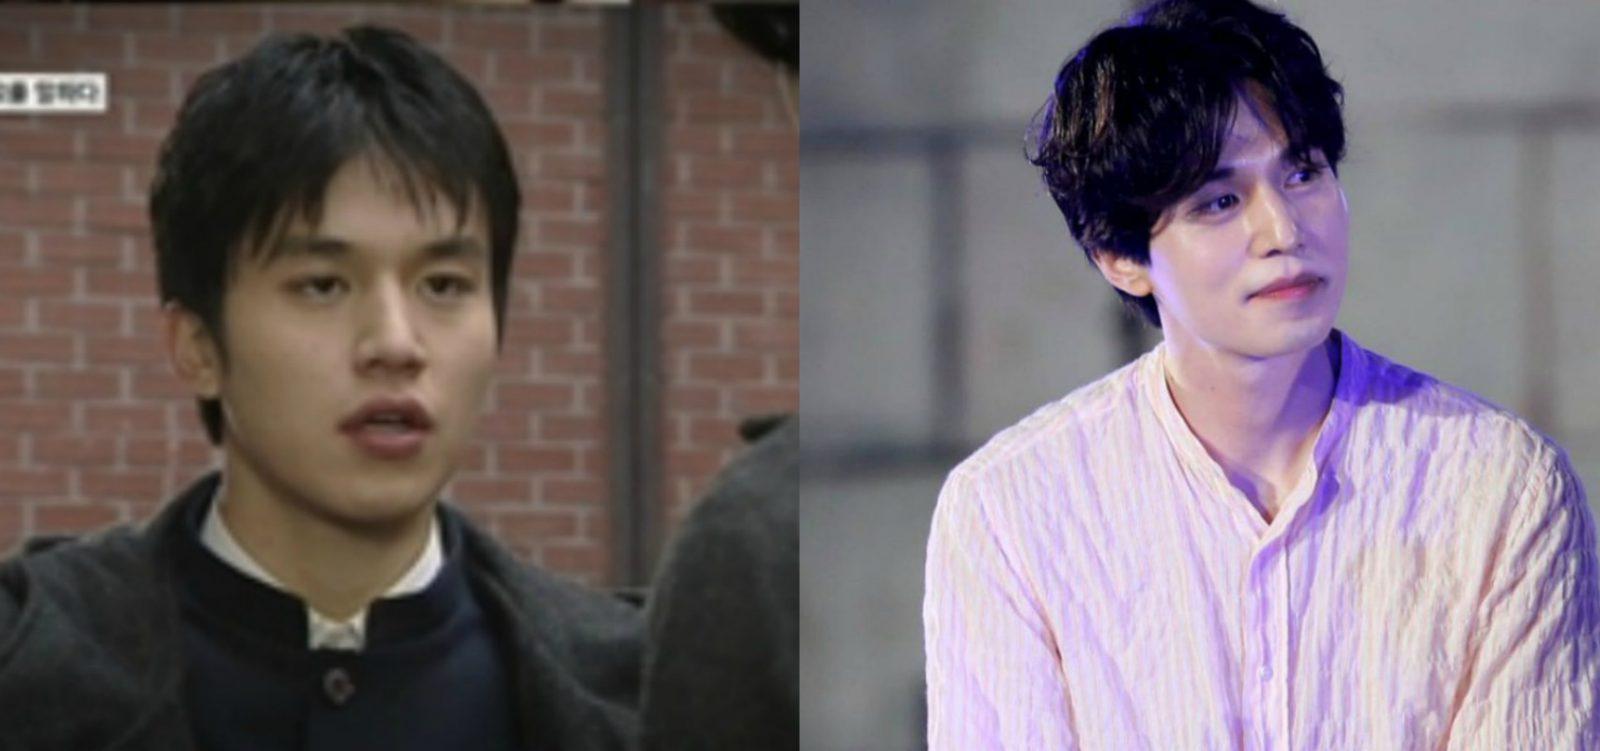 Từ những năm 2000, dàn mỹ nam xứ Hàn này đã sở hữu ngoại hình xuất sắc ít ai sánh kịp-4